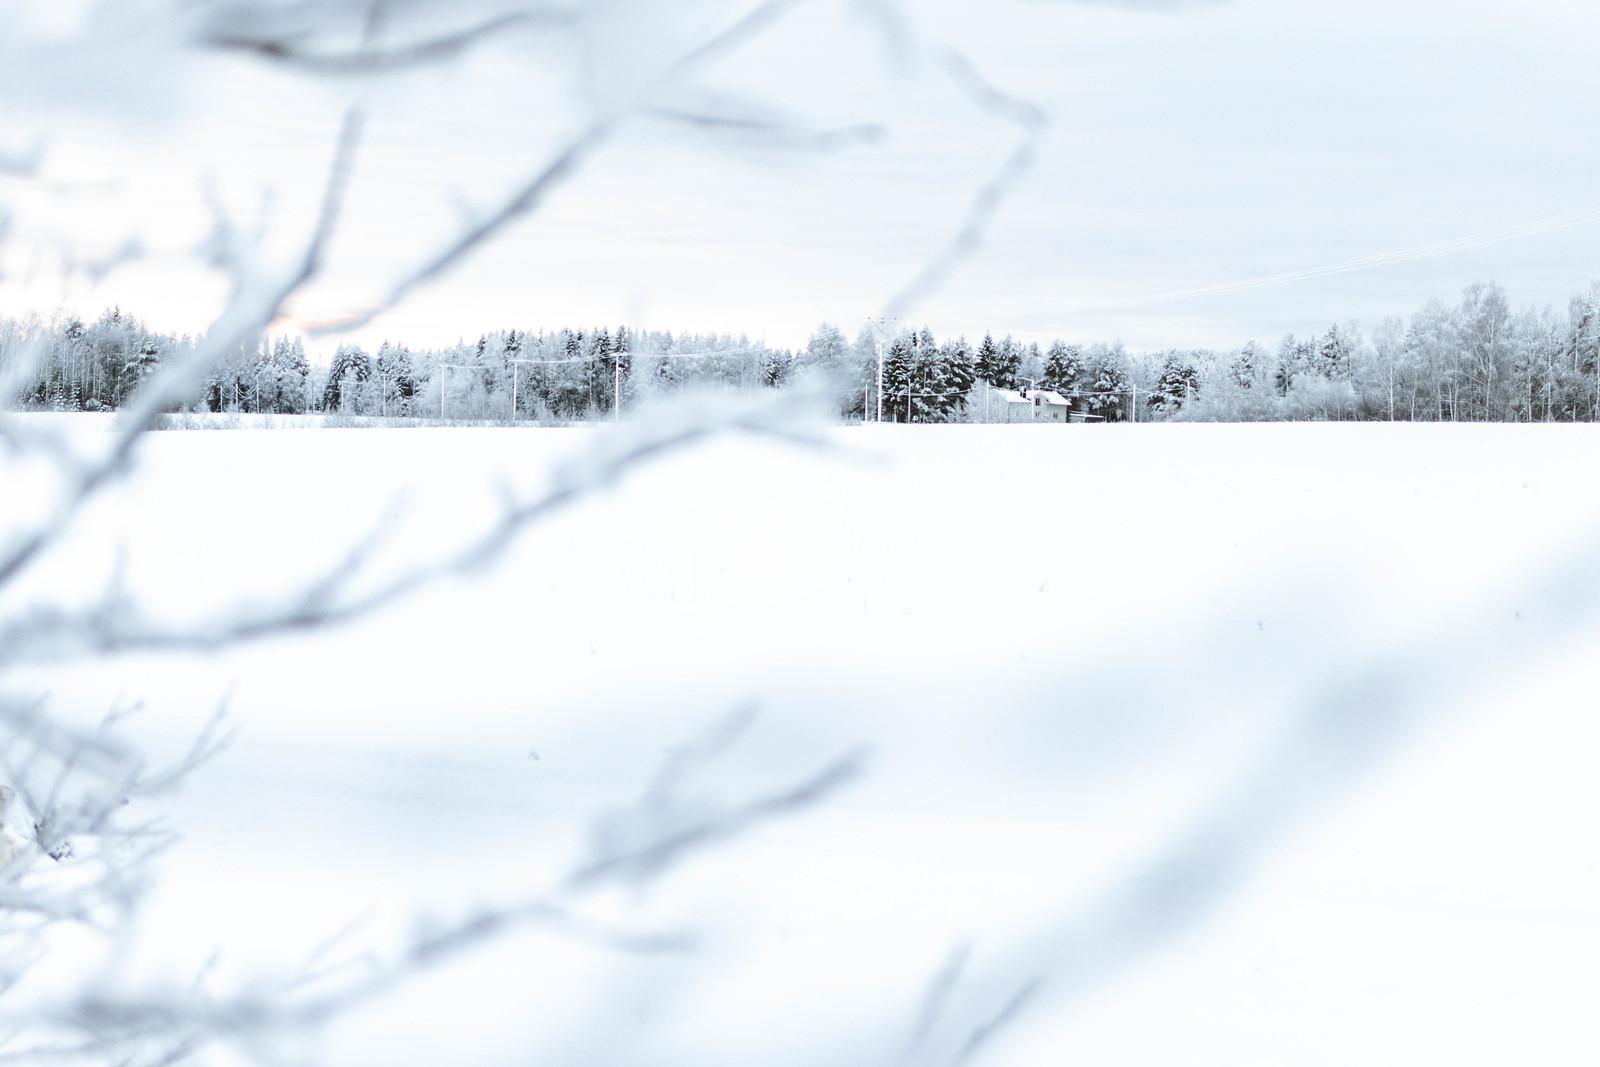 191223 - Eldsmark dan före dan